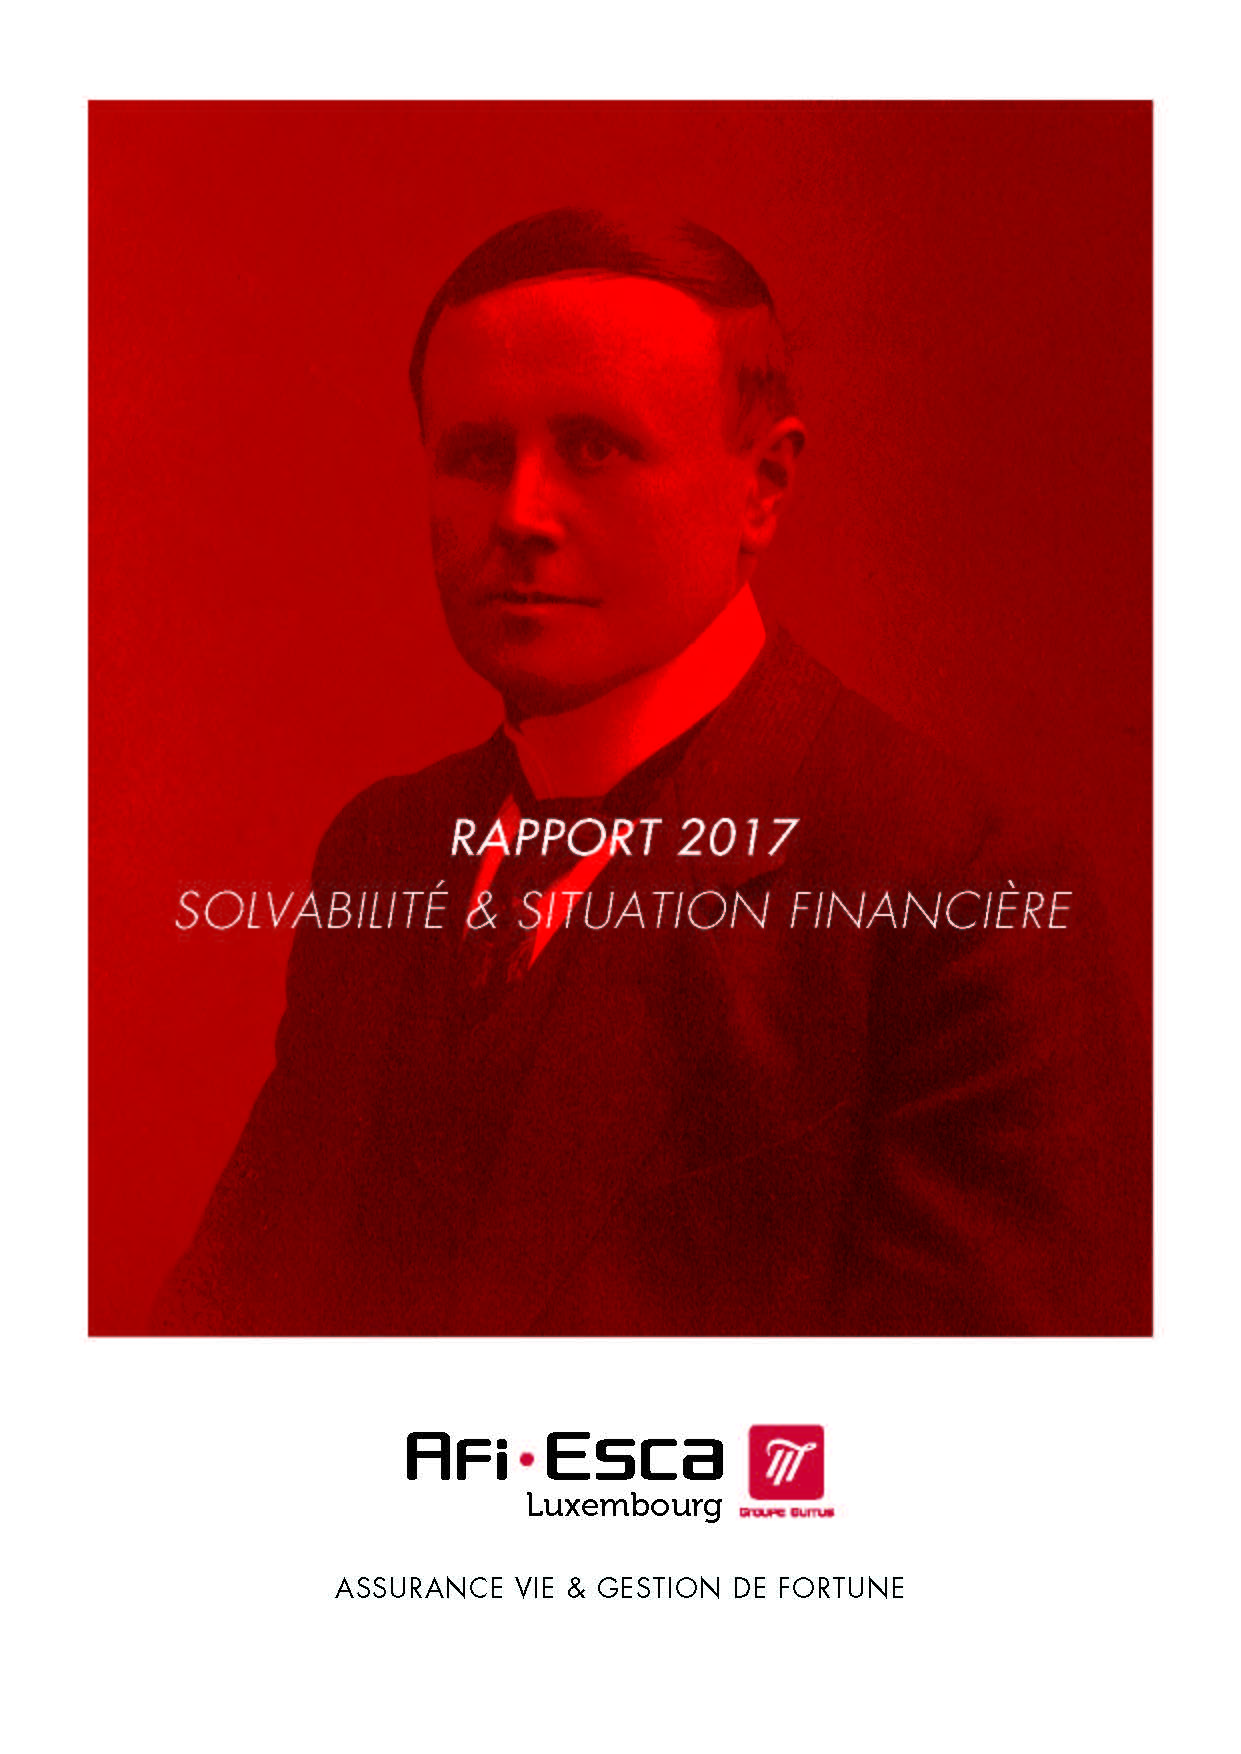 Rapport sur la solvabilité et la situation financière 2017